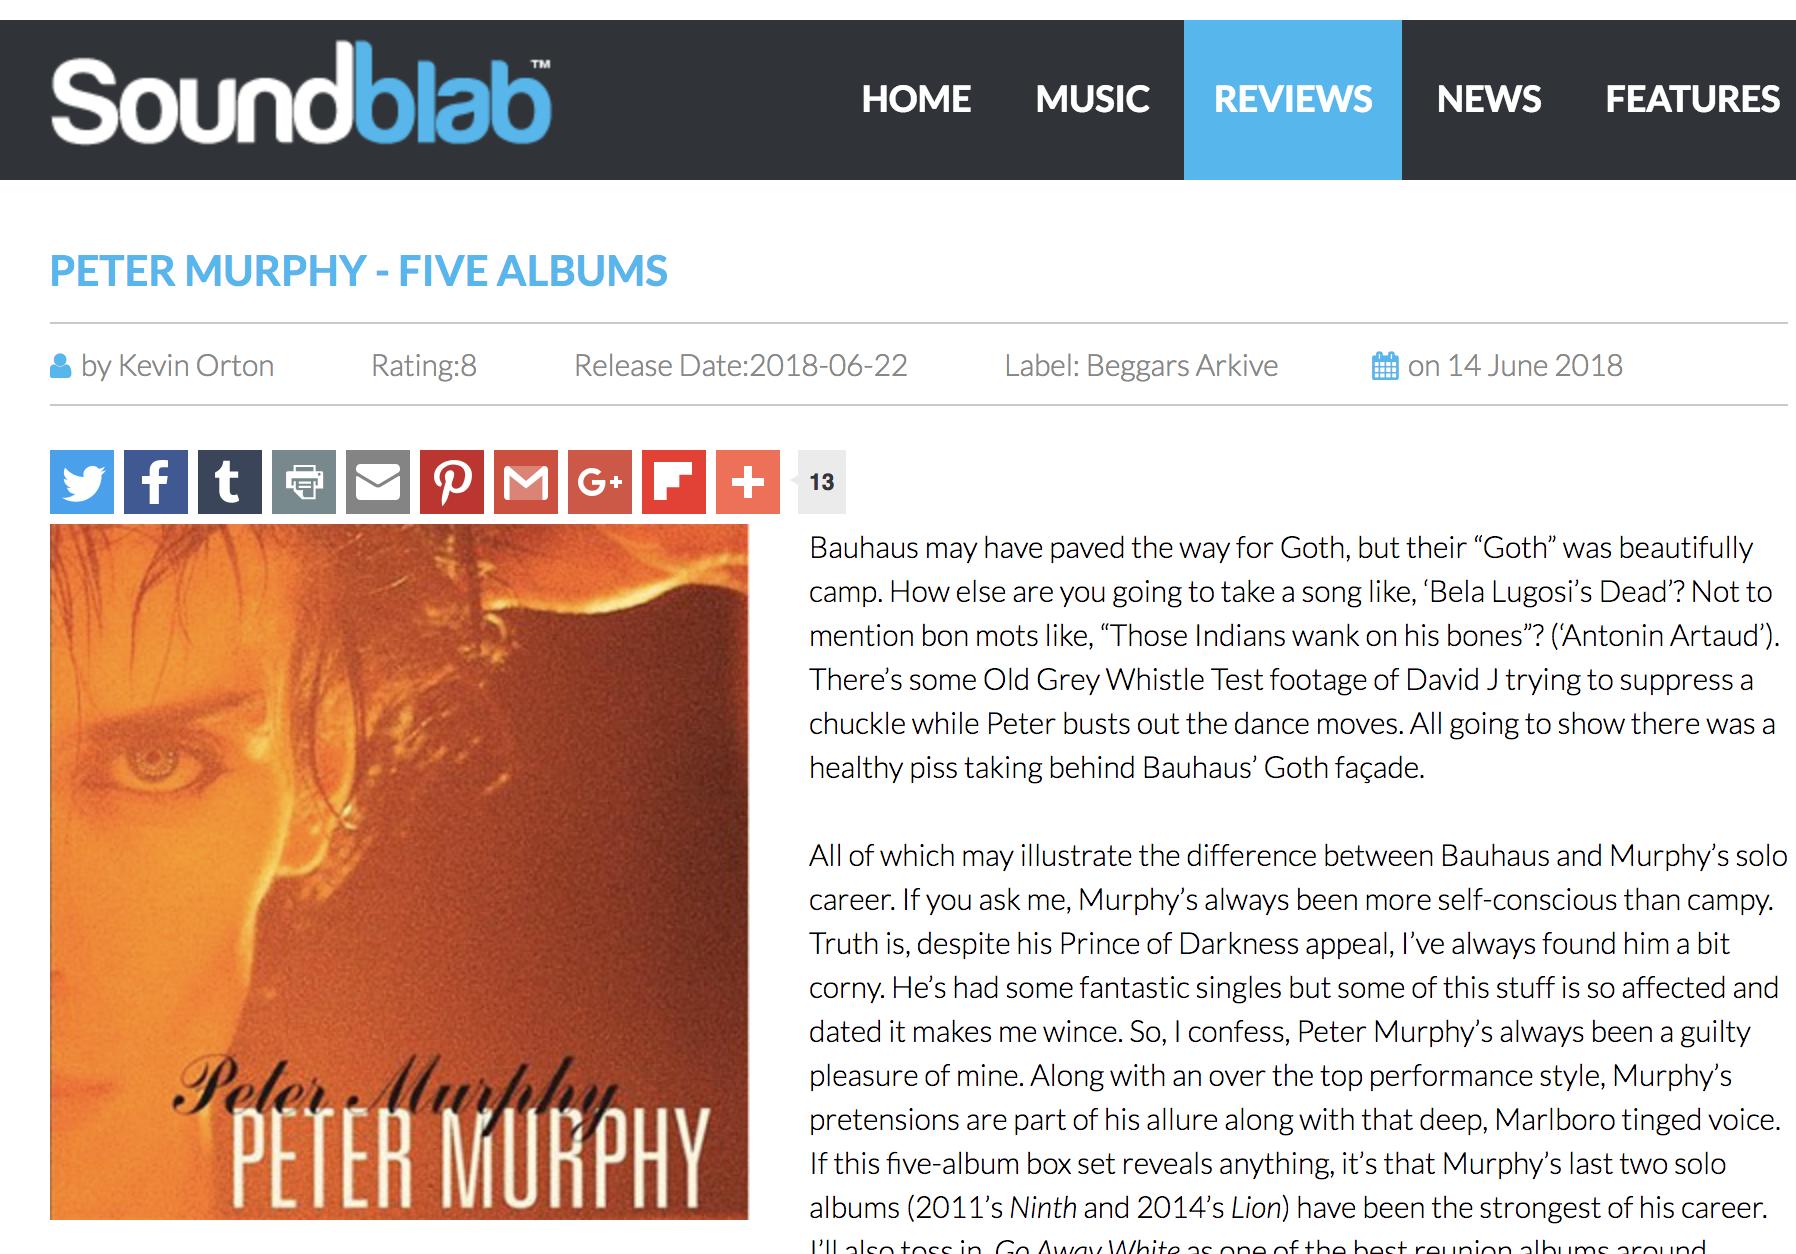 PETER MURPHY - FIVE ALBUMS - 8/10